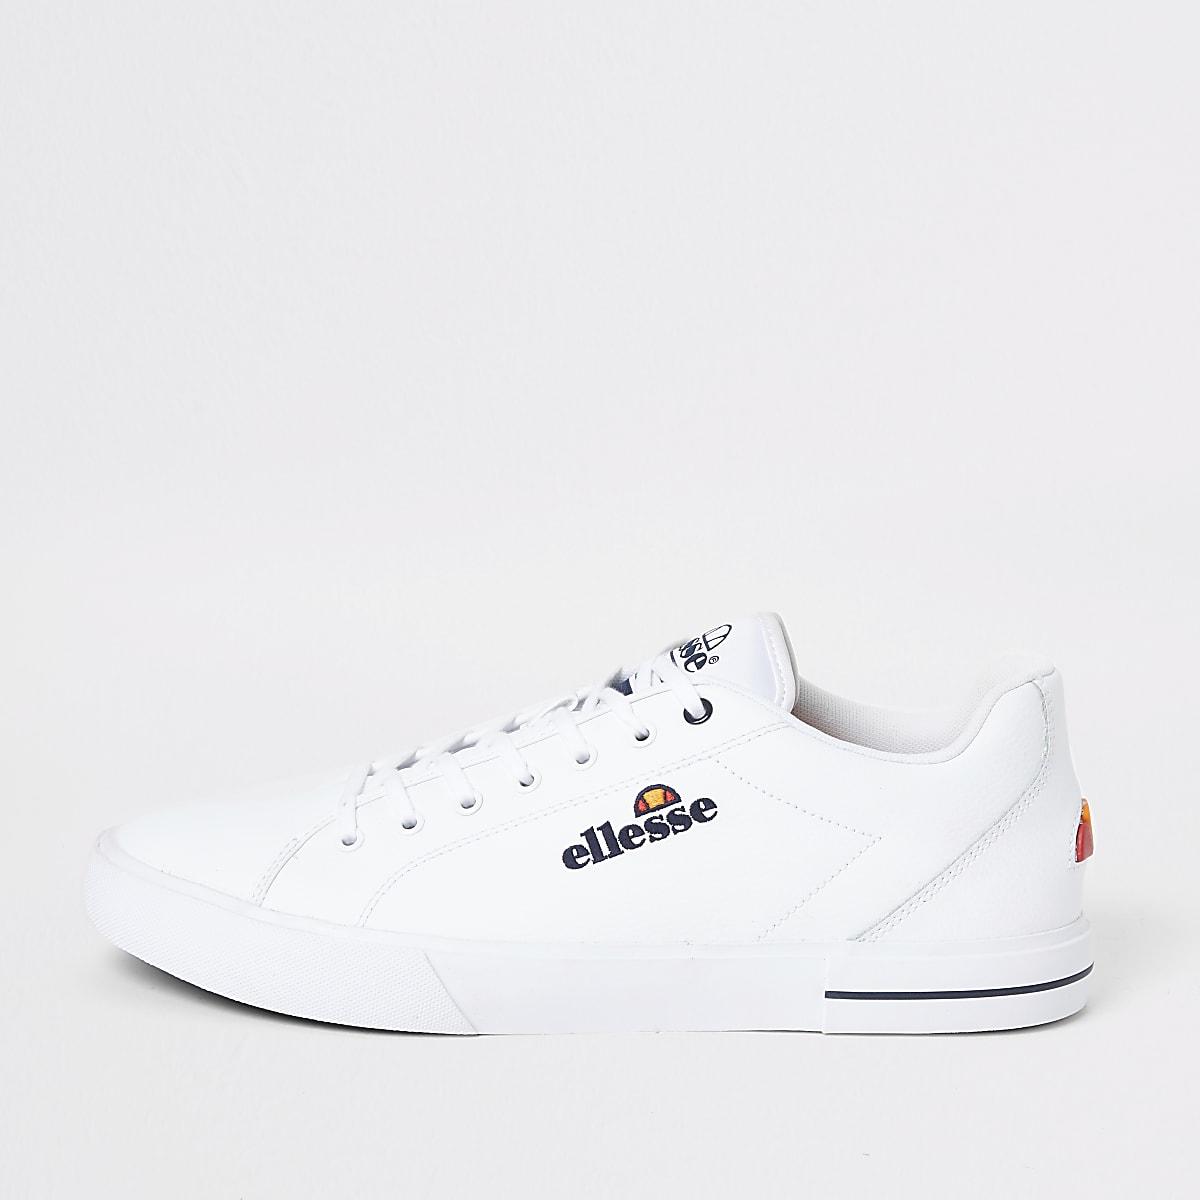 Ellesse Taggia - Witte sneakers van leer